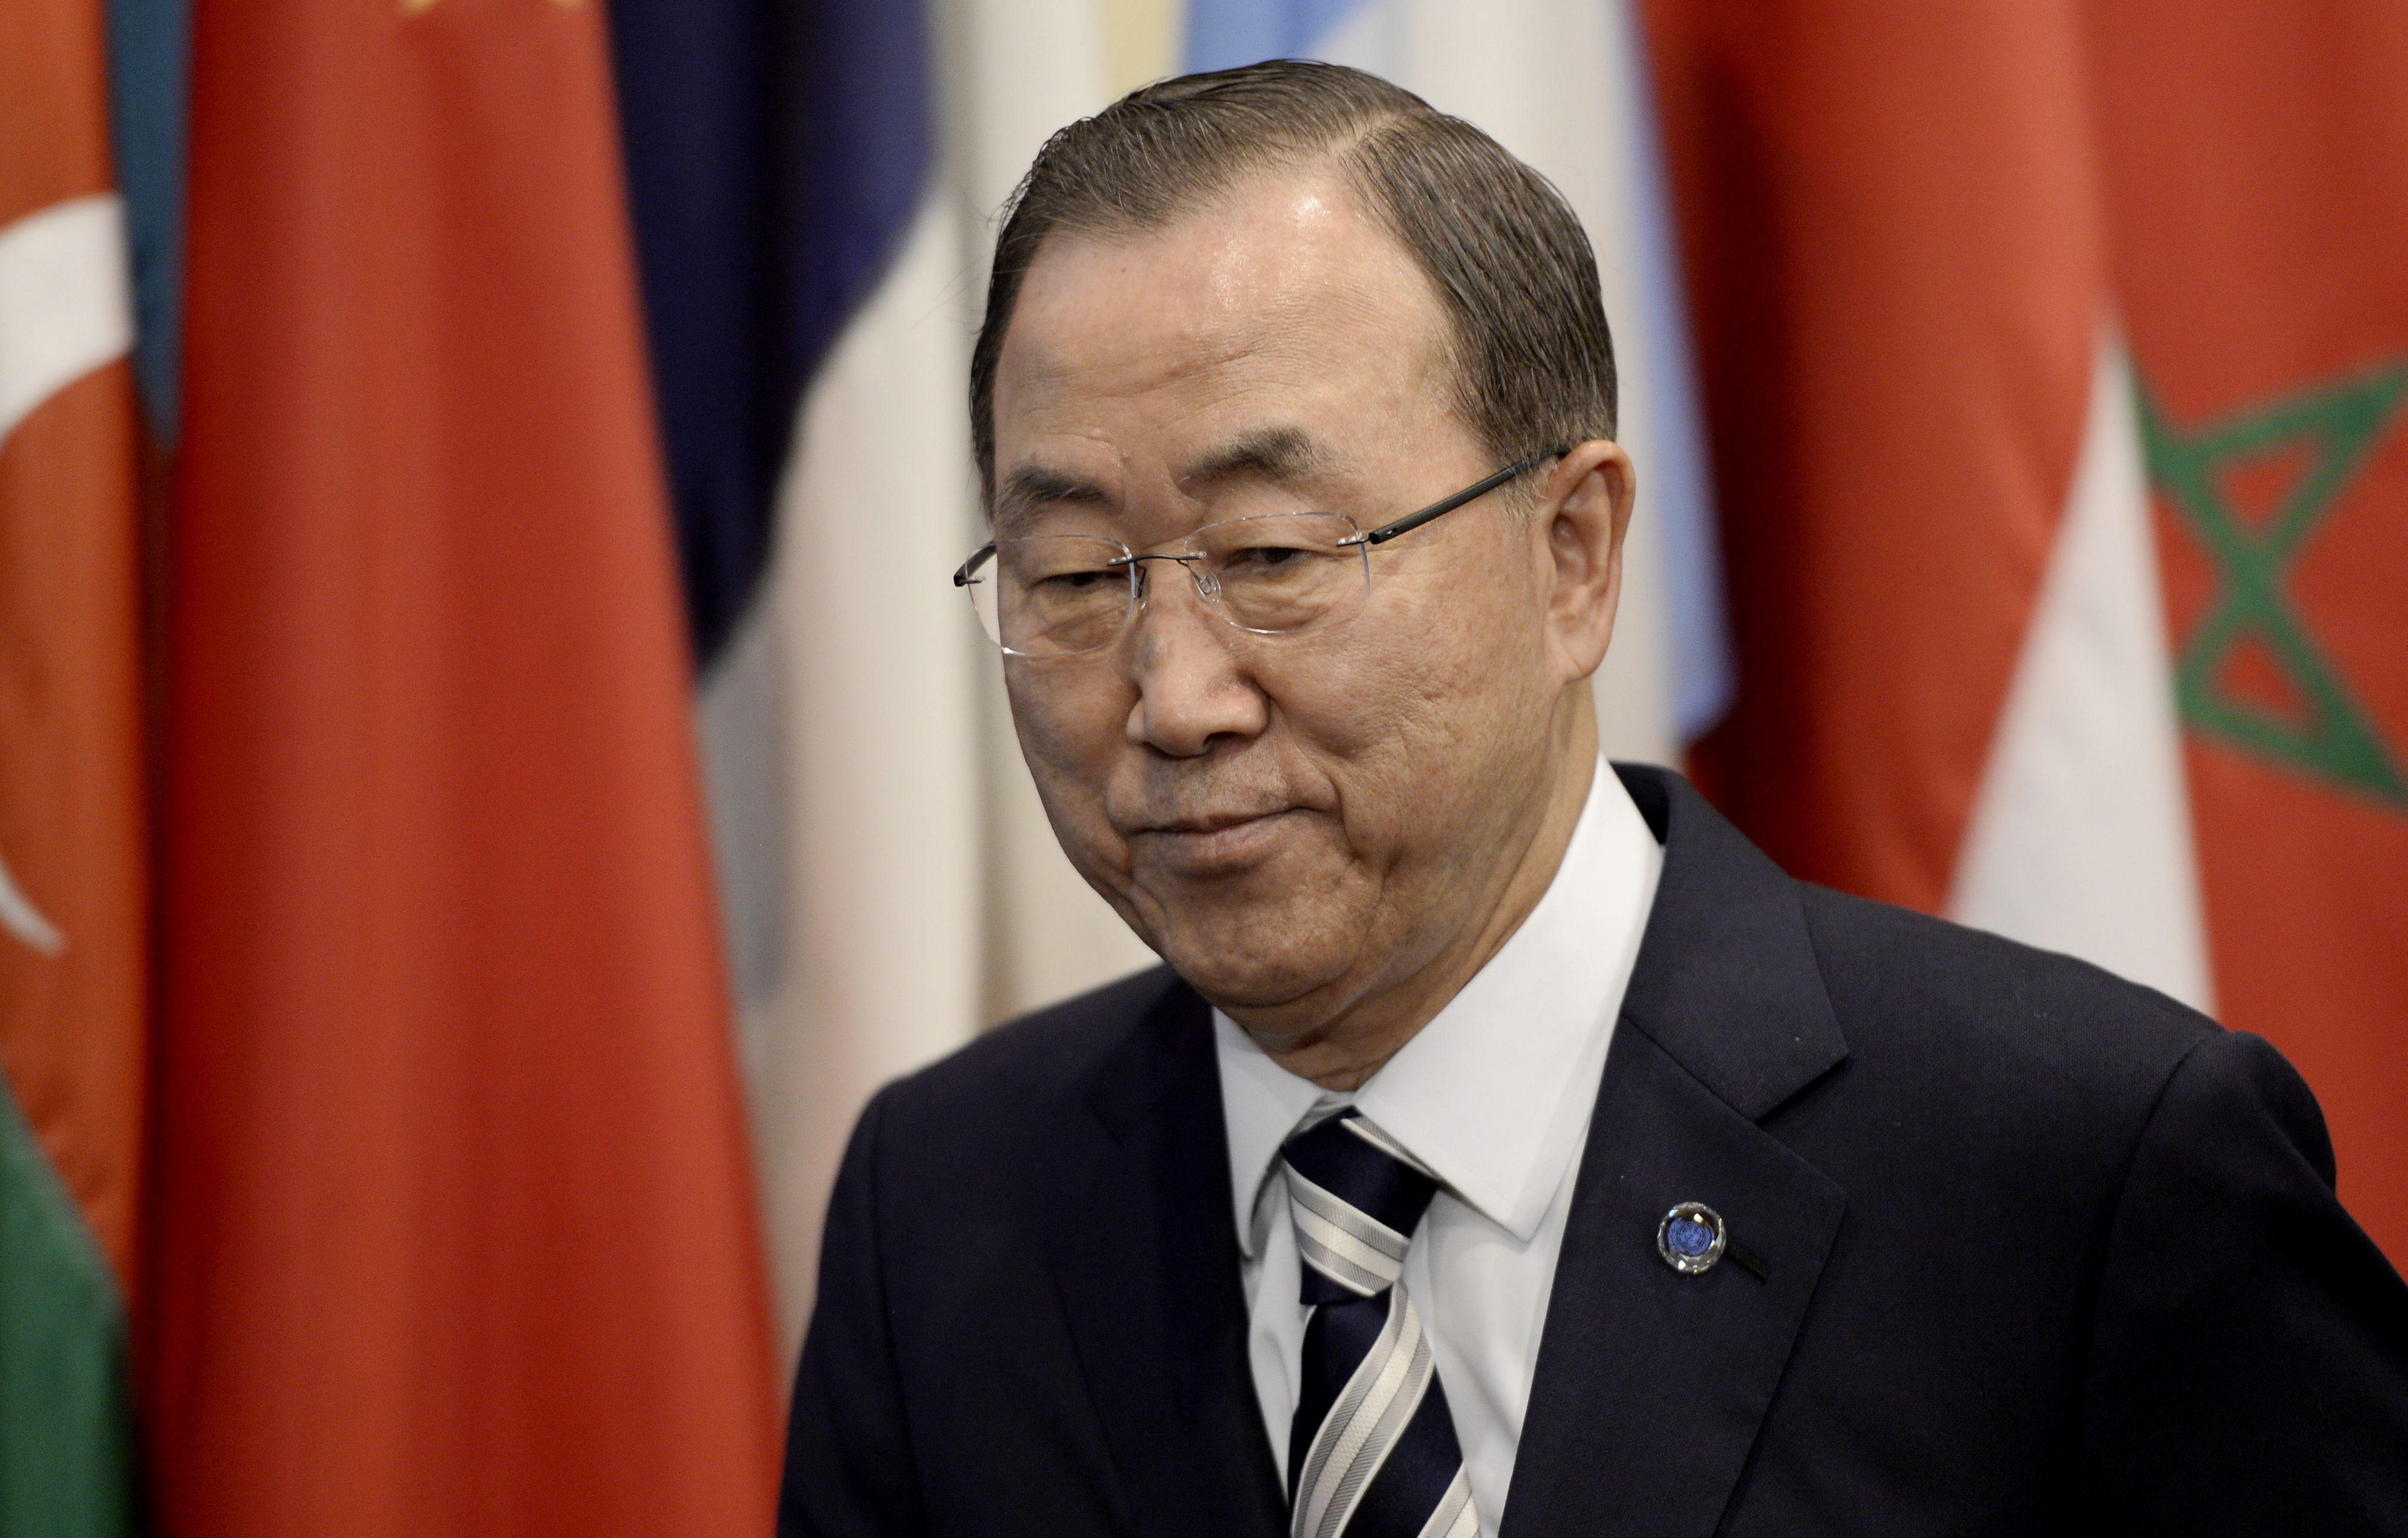 El Gobierno sirio denuncia ante la ONU que EEUU «sigue respaldando» a Al Qaeda